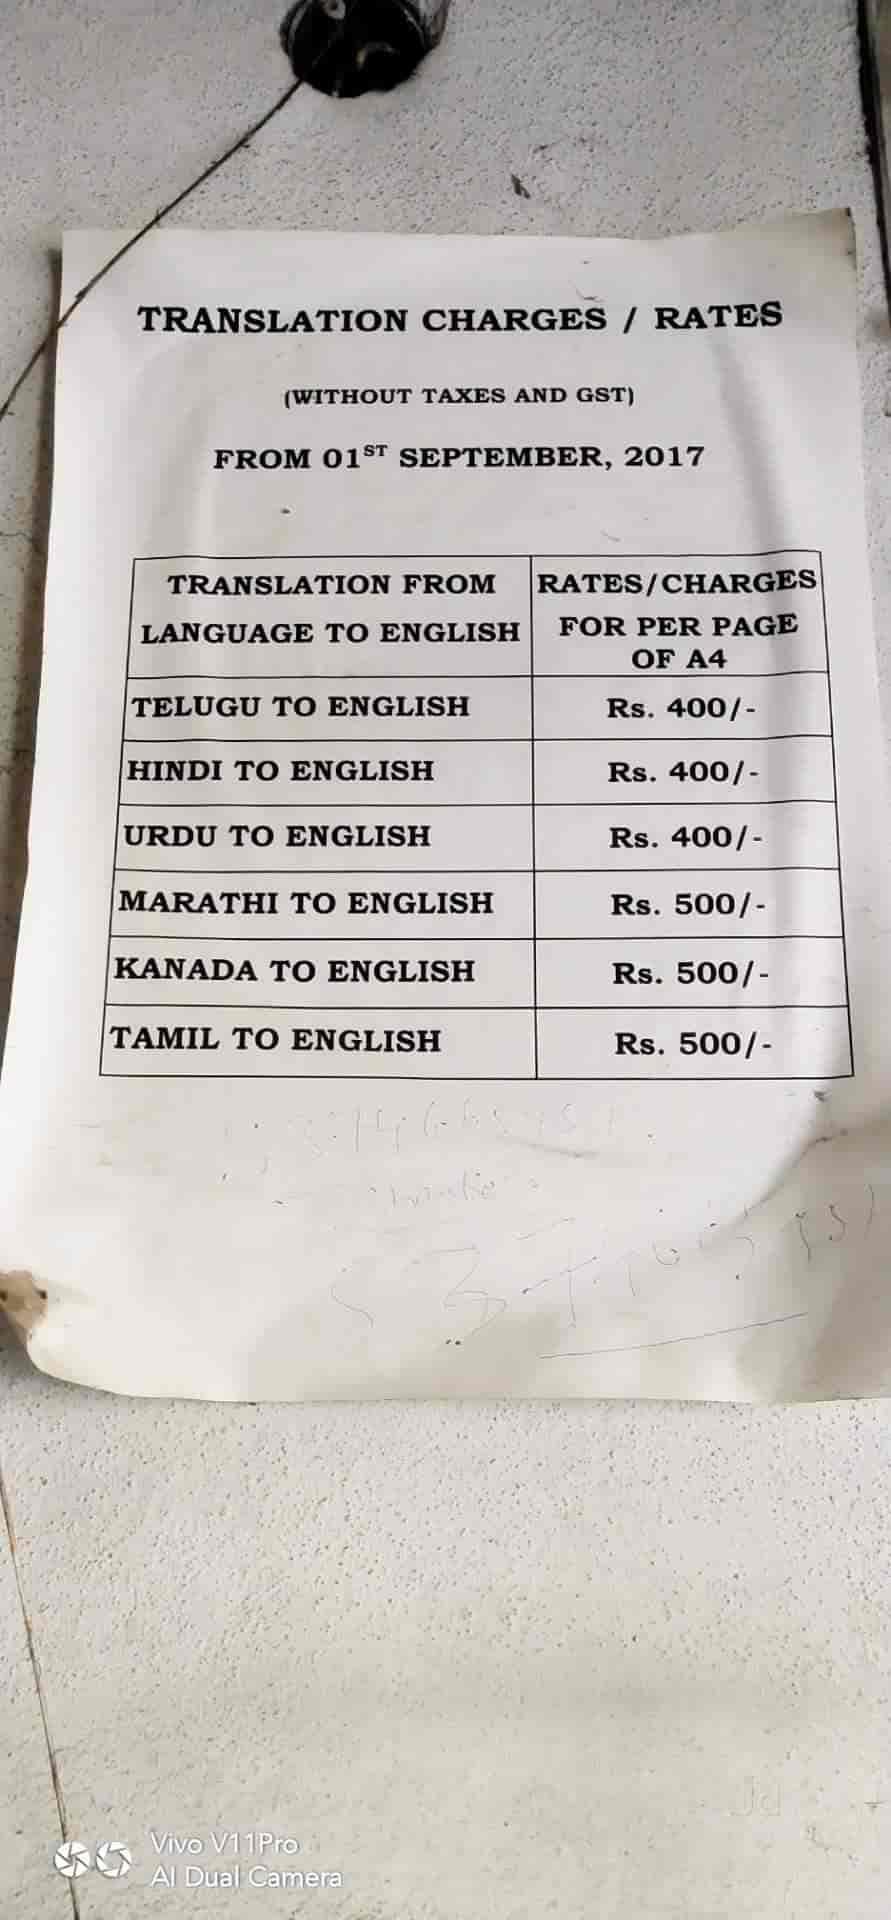 Telugu to english translation charges